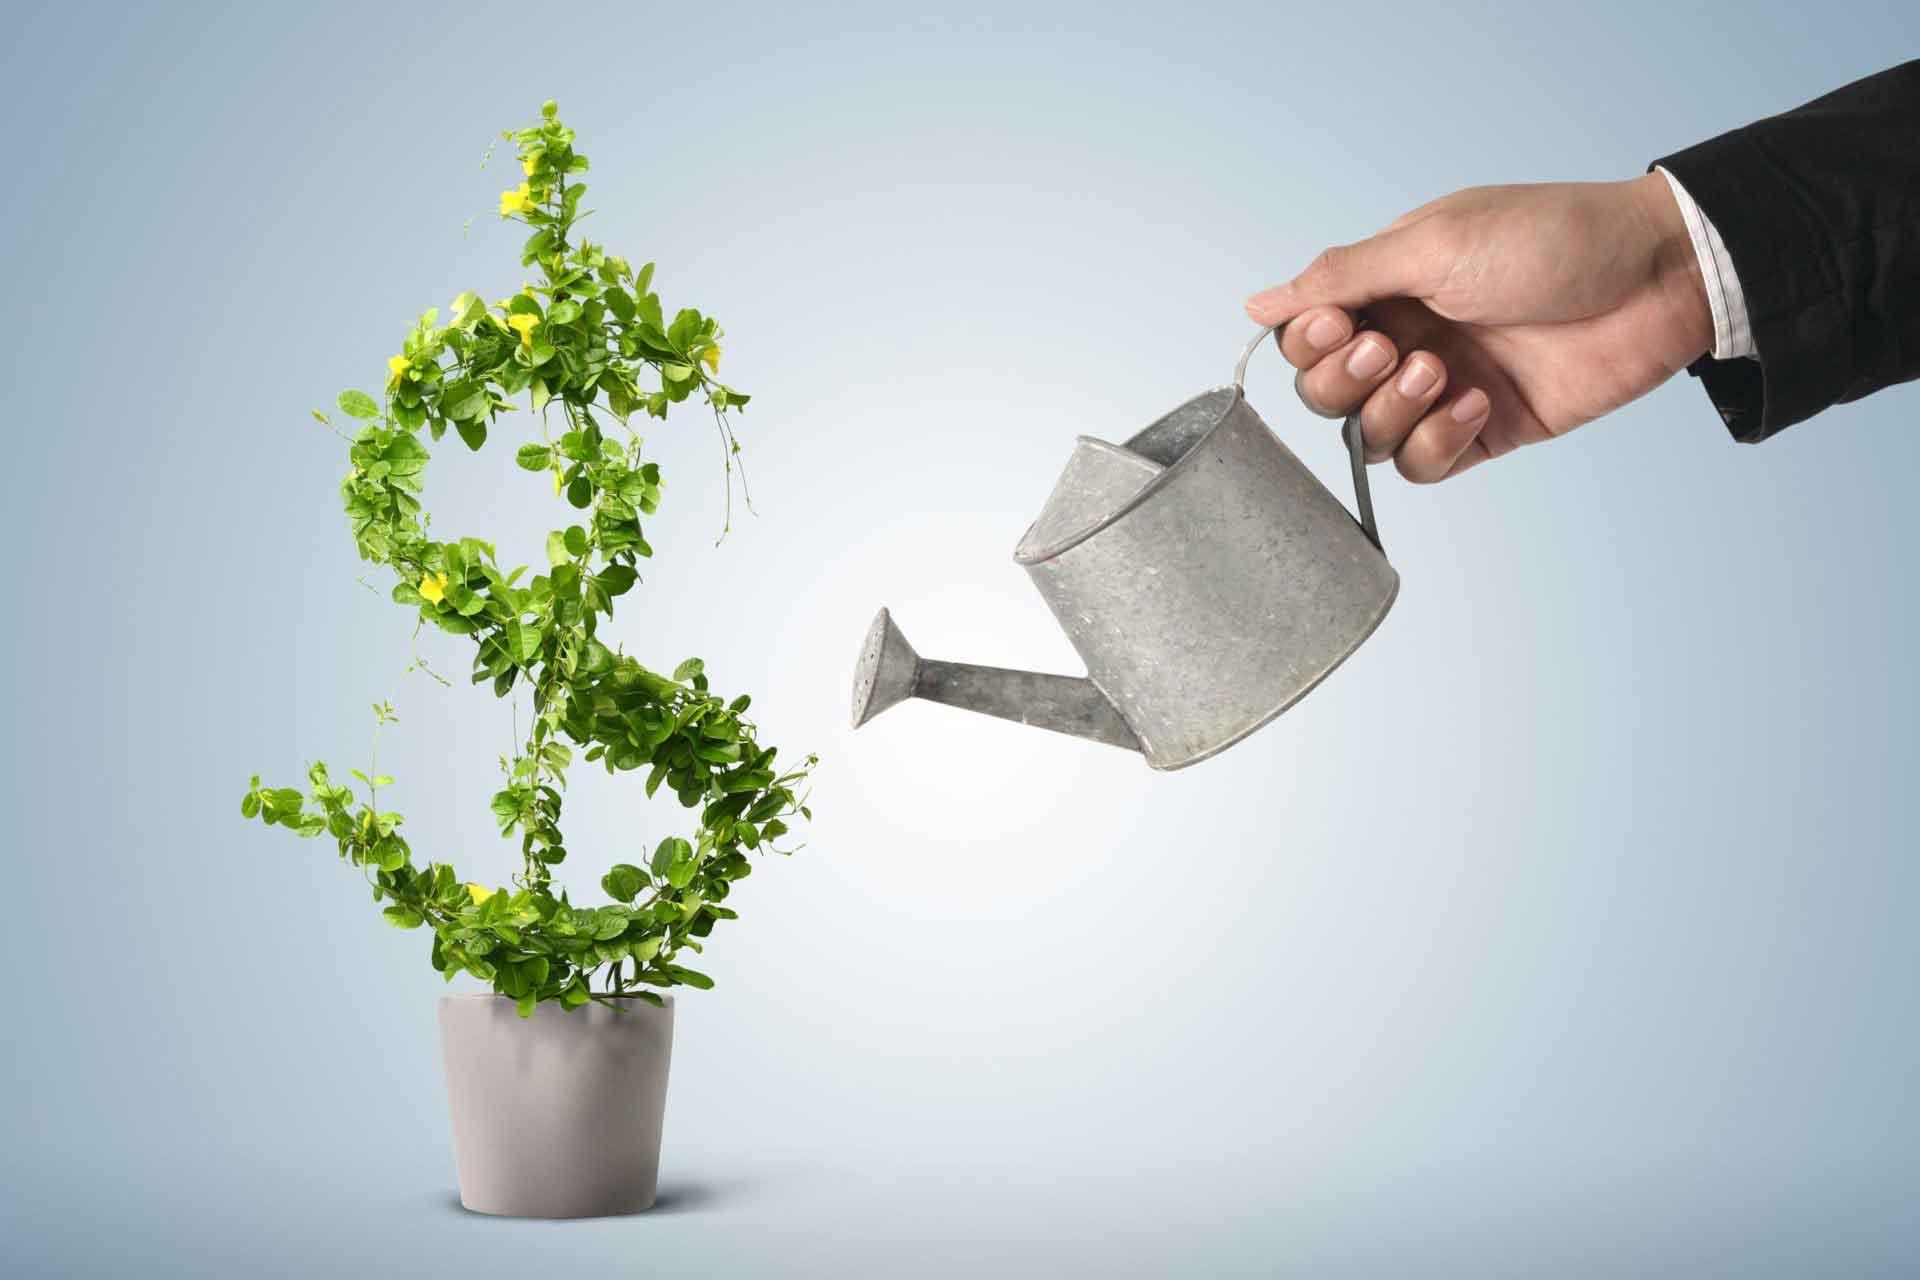 Бесплатный семинар: 2 надёжных способа сохранить свои сбережения